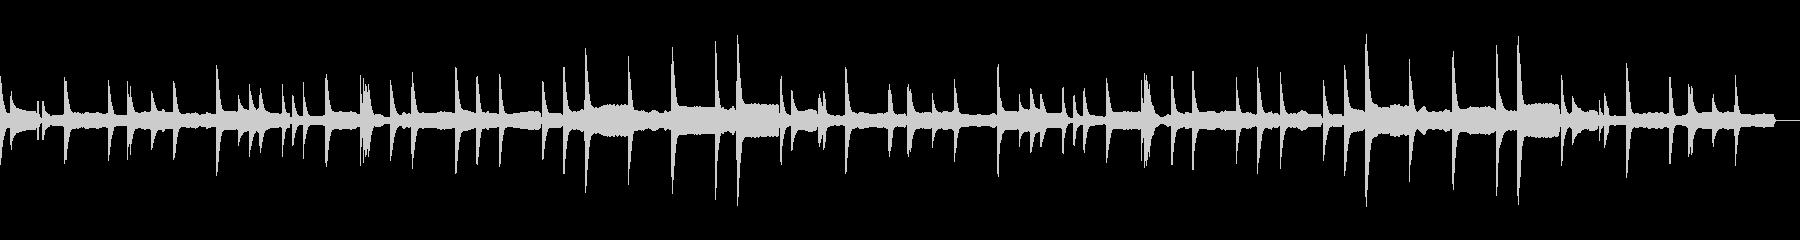 子守唄のような優しい音色のヒーリング曲の未再生の波形